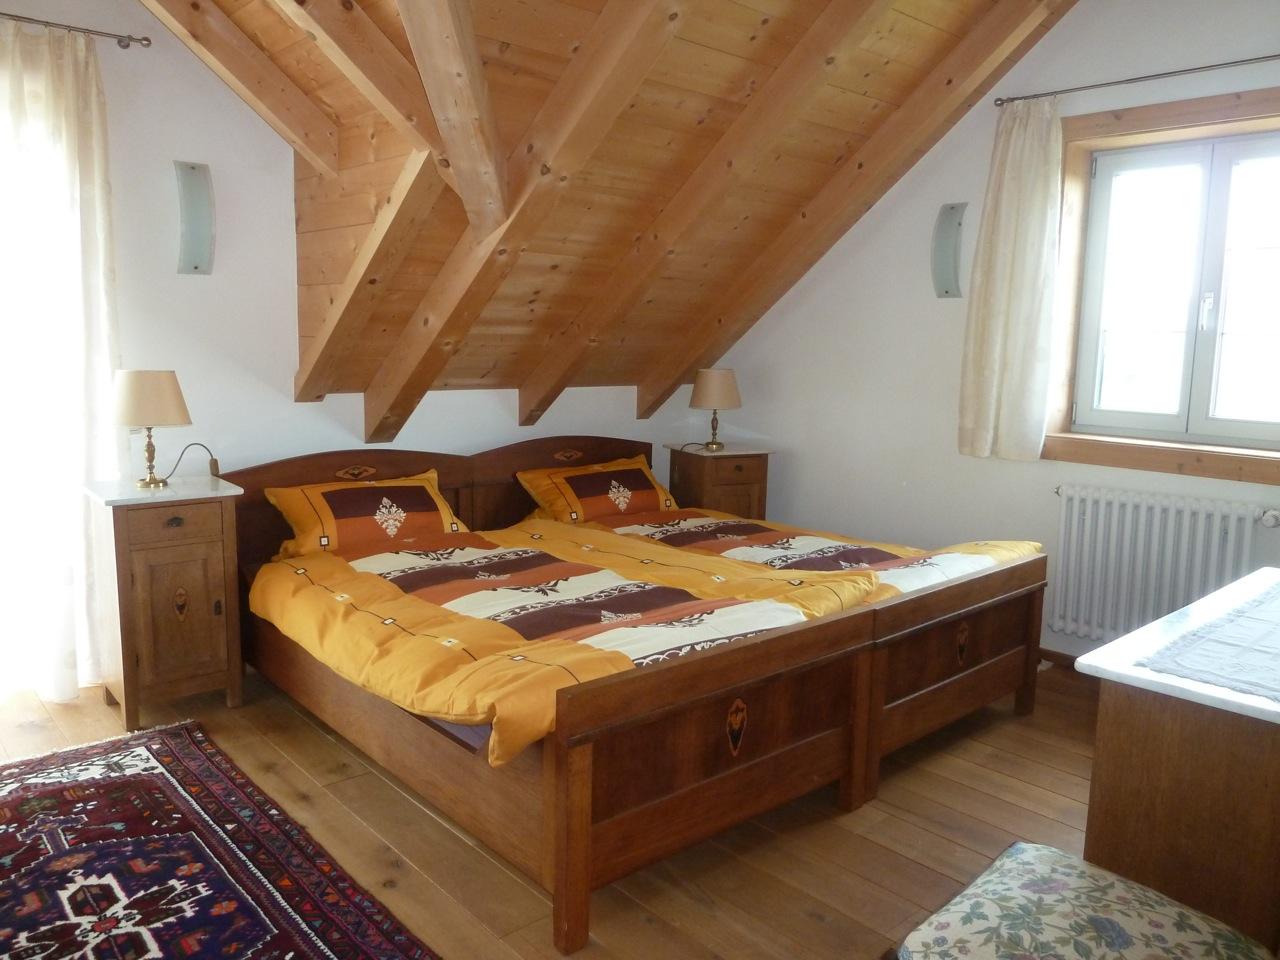 Chalet Style House Das Ferien Blockhaus Ober Hilbersheim